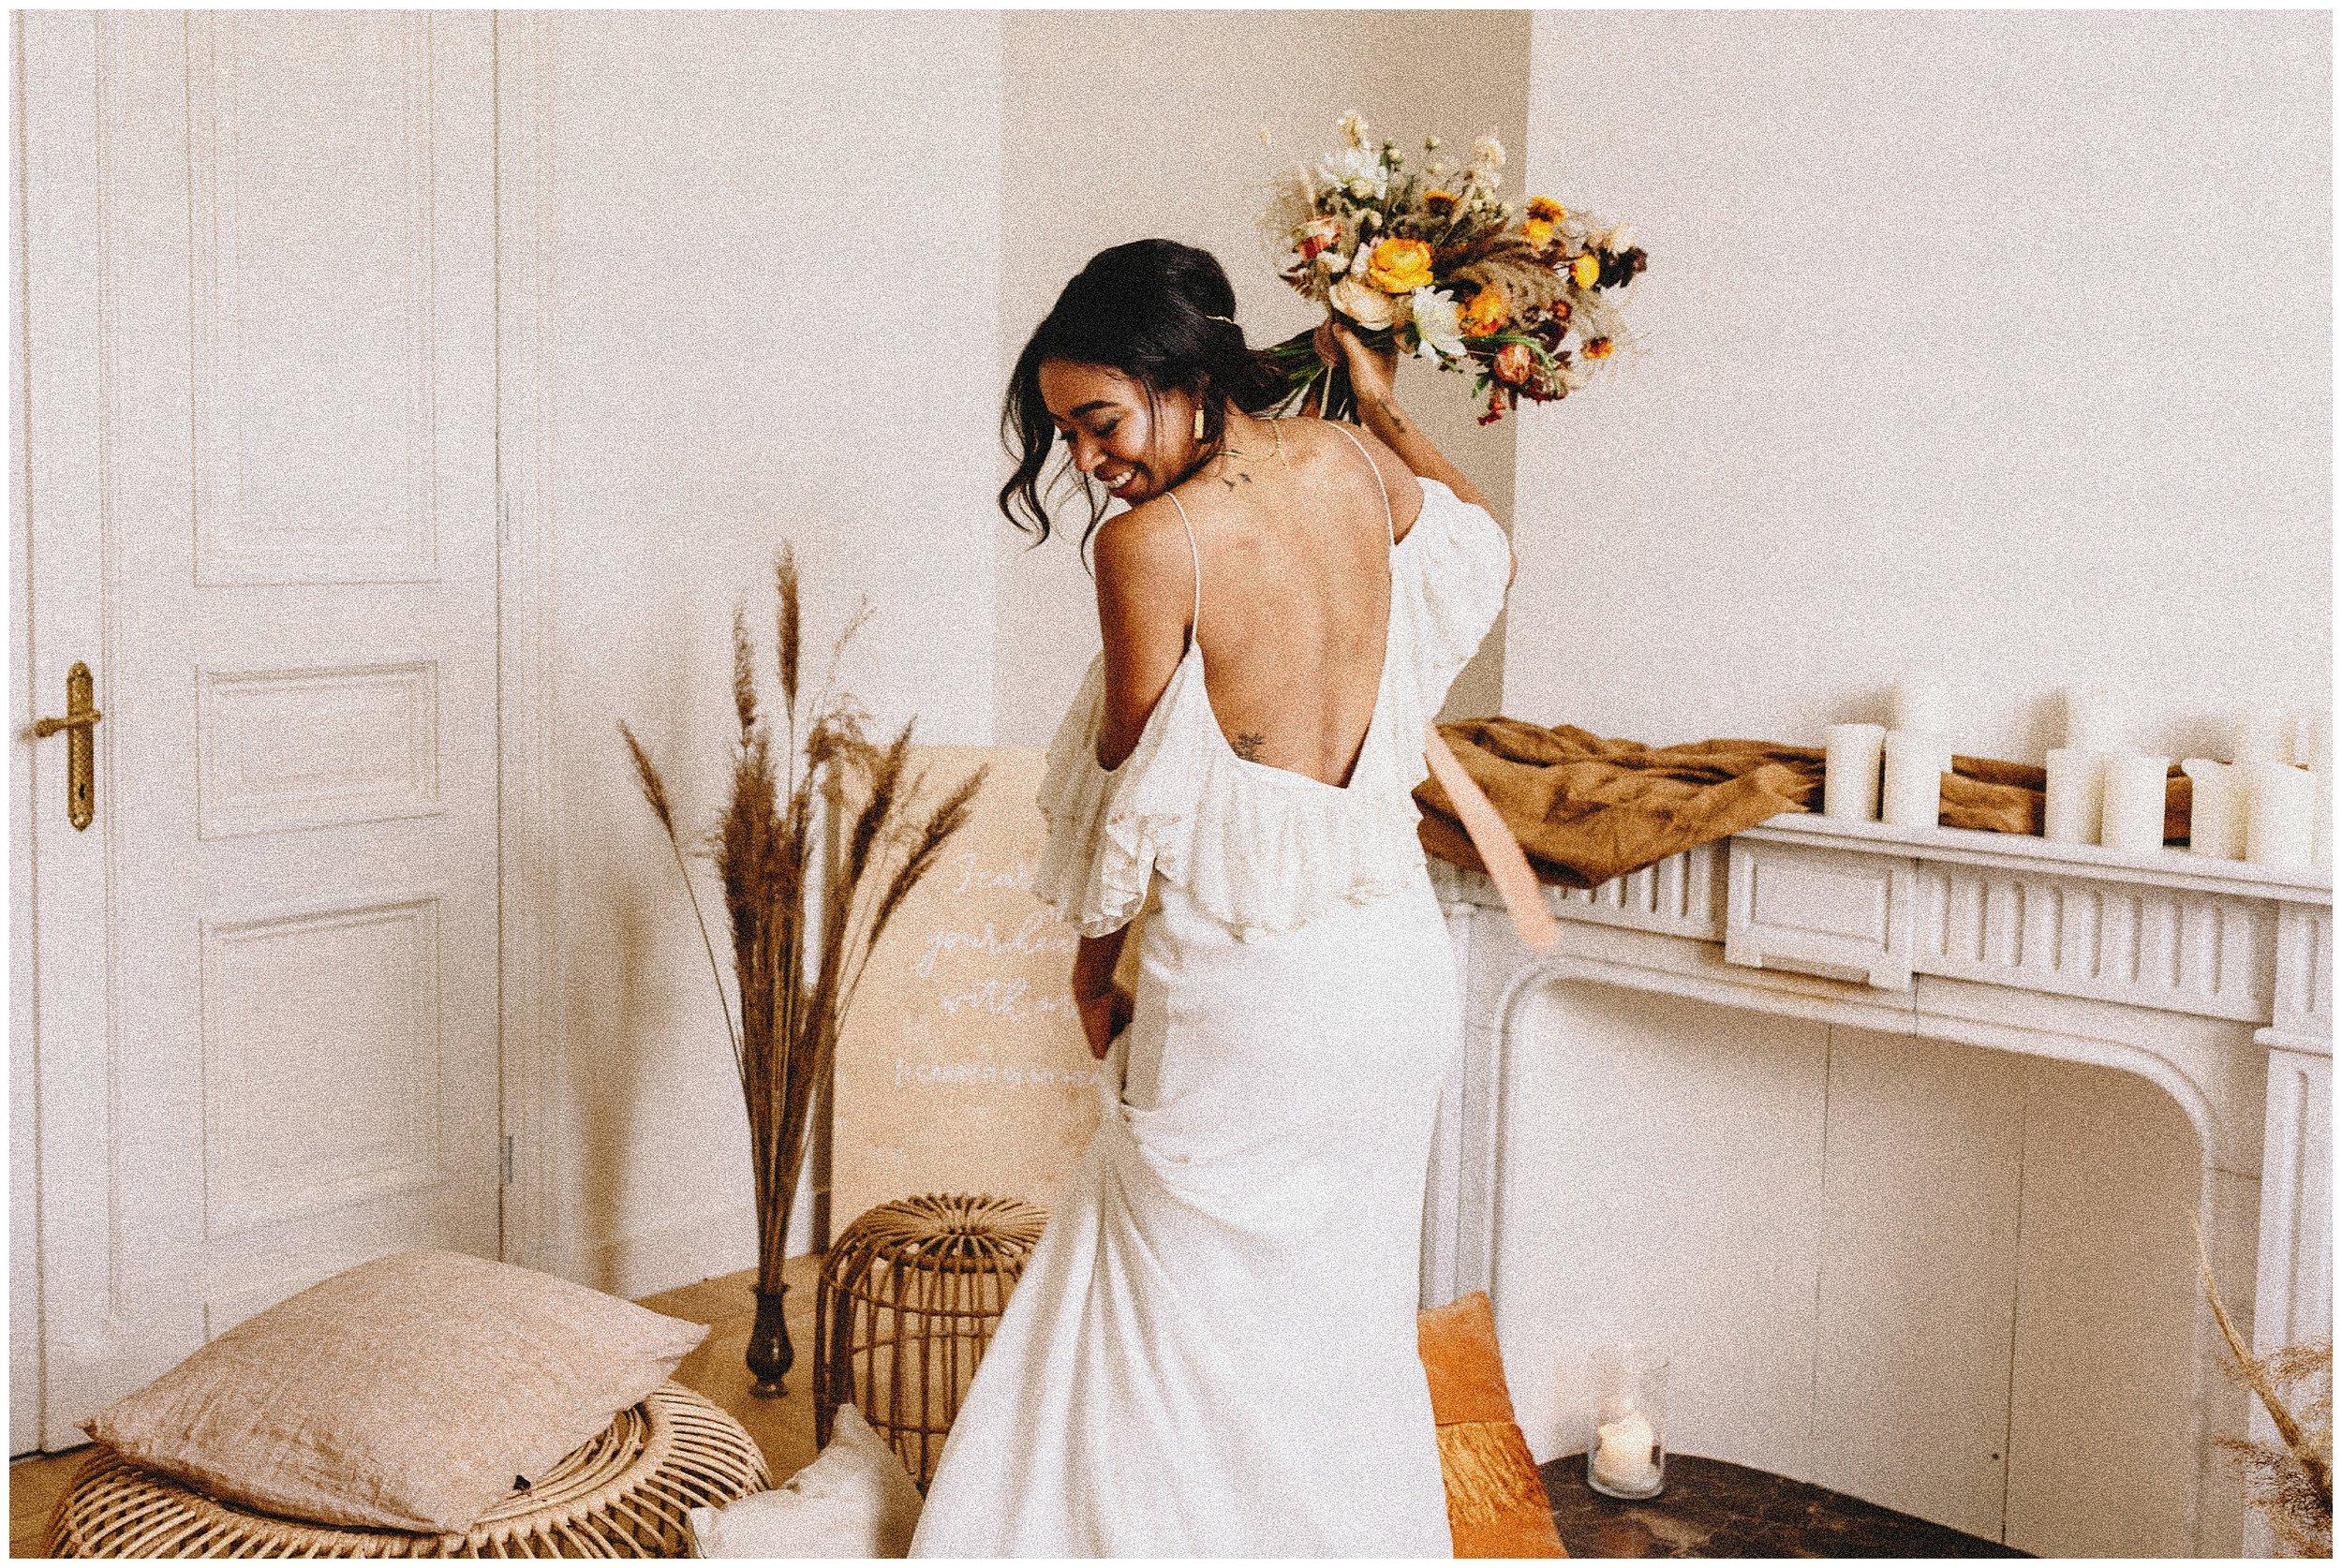 huwelijksfotografie-huwelijk-kempen-kust-lisa-helsen-photography_0006.jpg